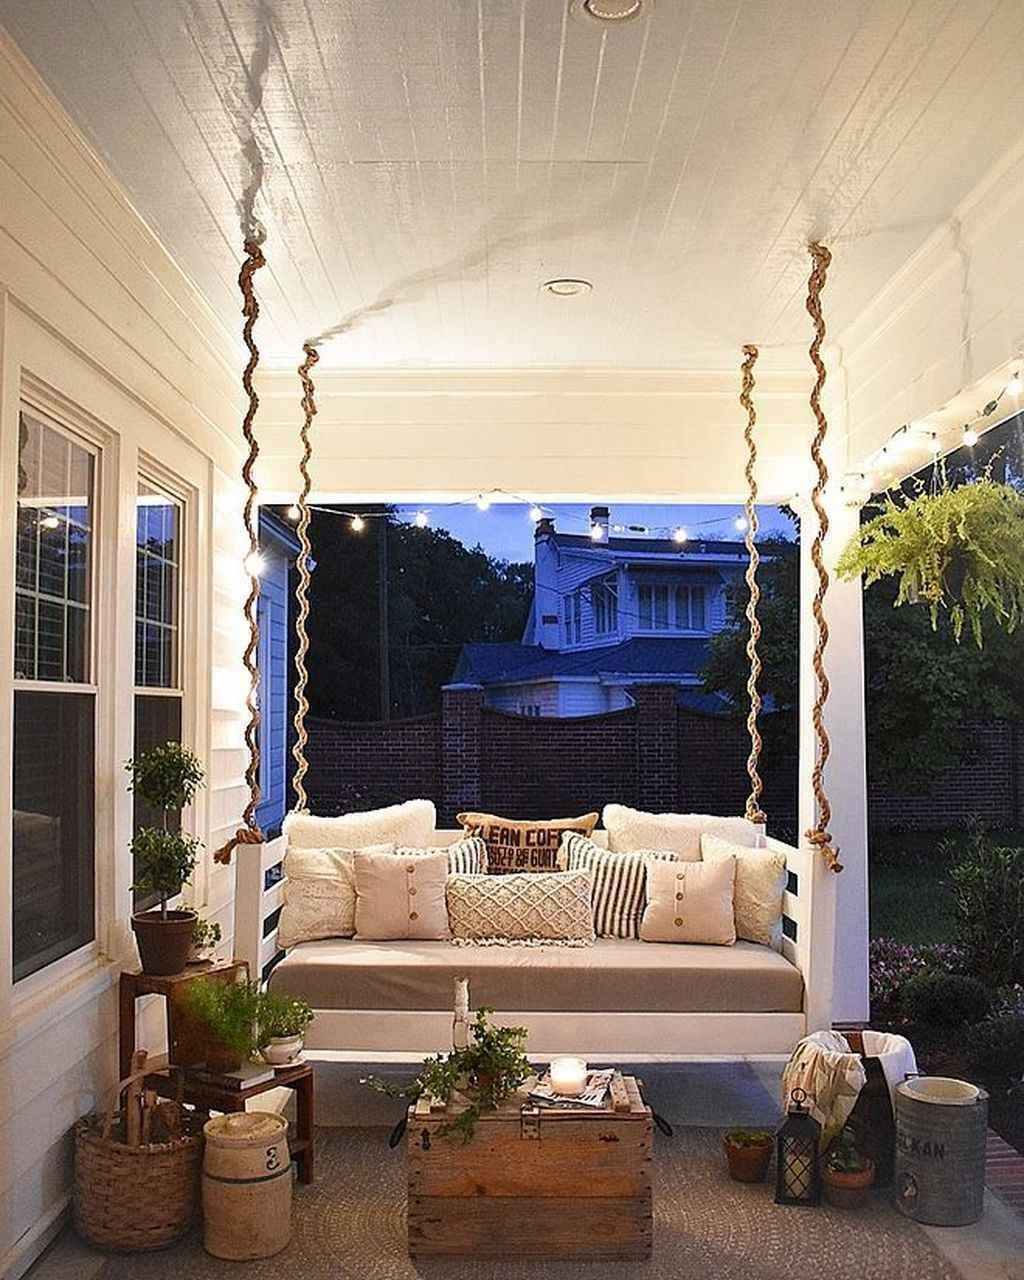 08 inspiring farmhouse porch swing outdoor ideas in 2020